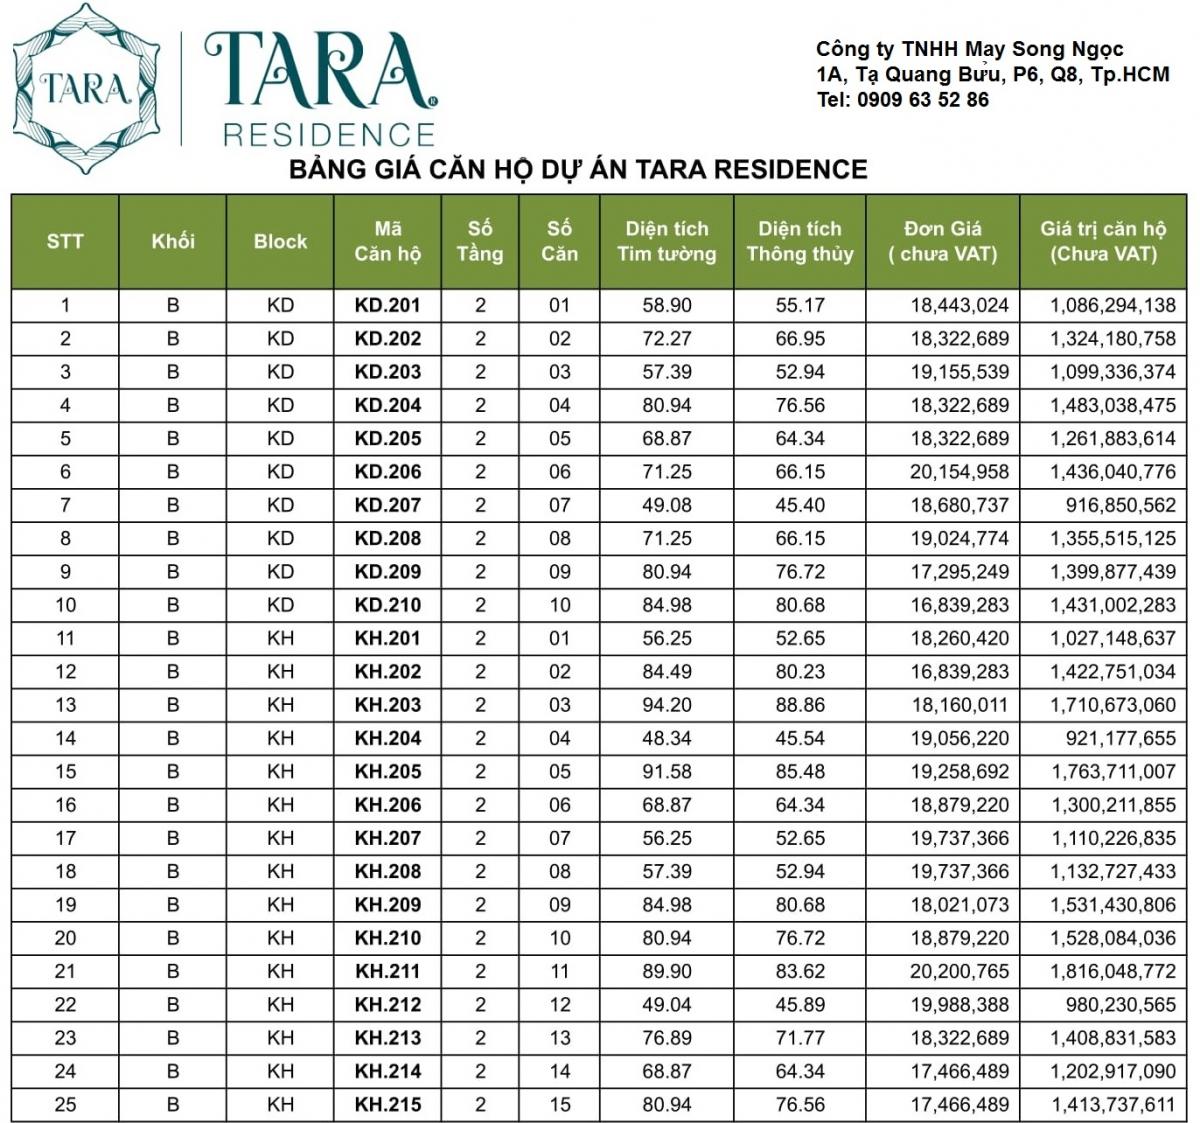 bảng giá căn hộ Tara Residence